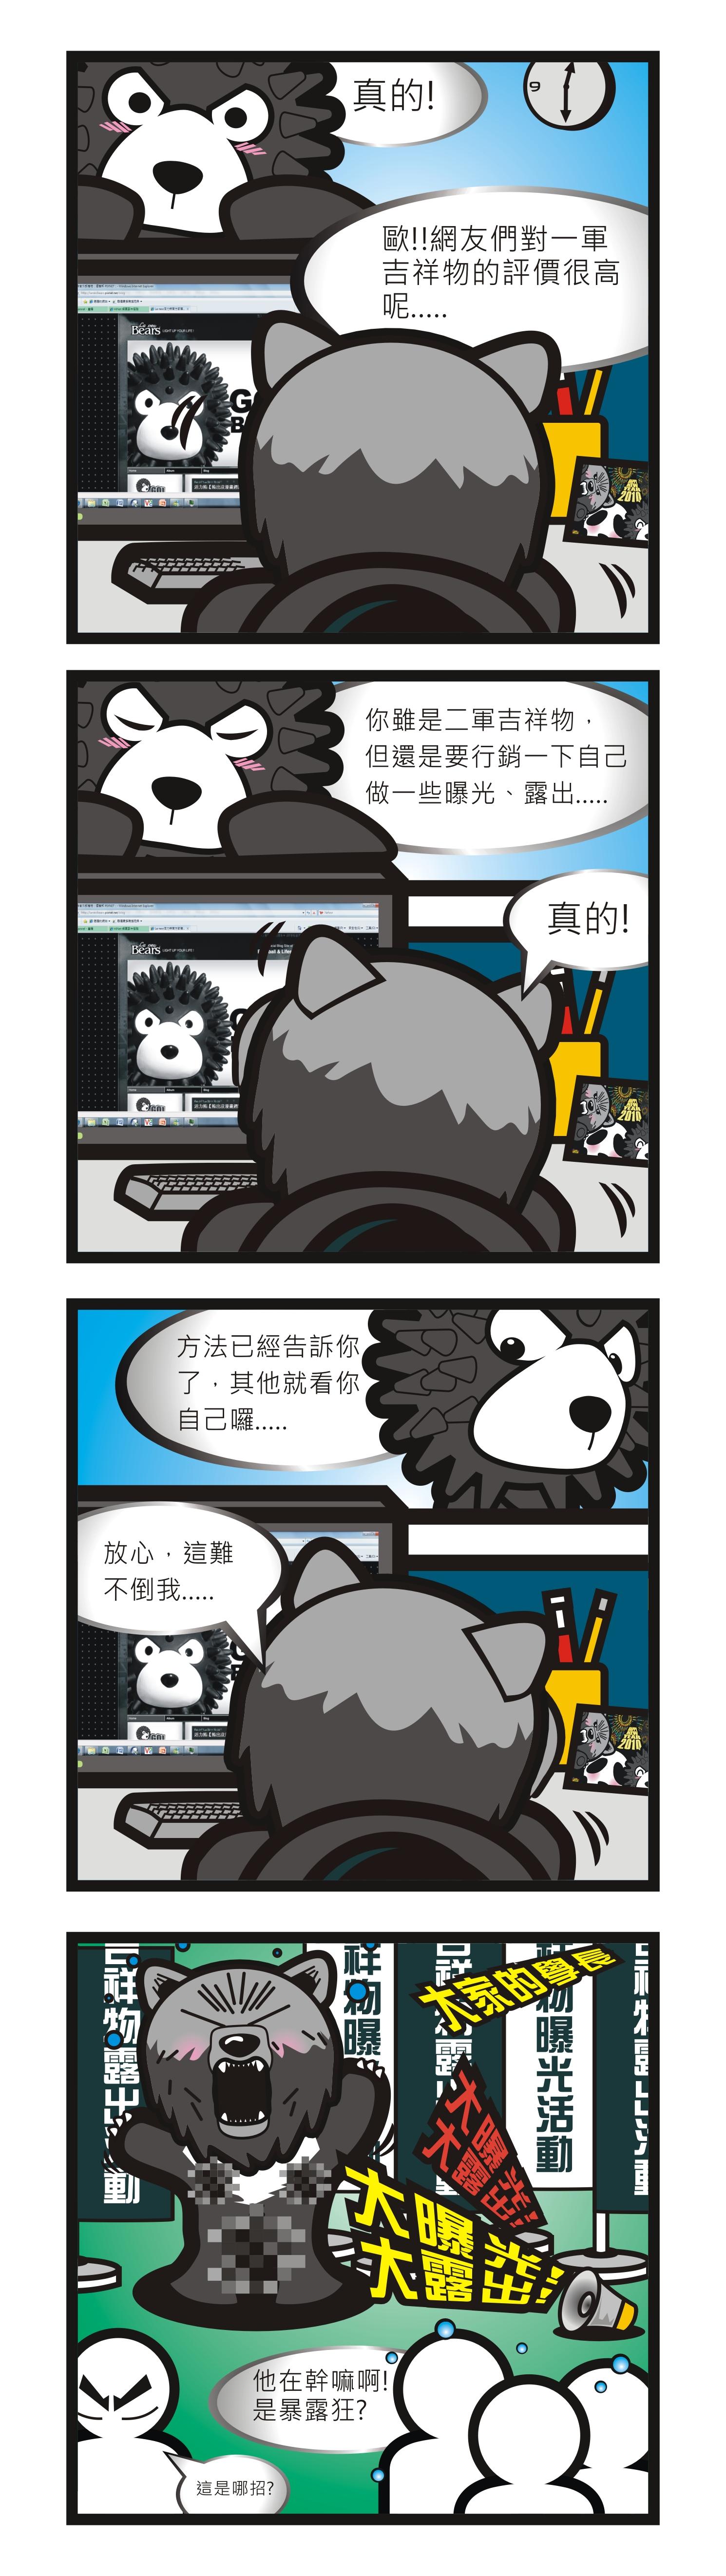 Vol.90 20110211